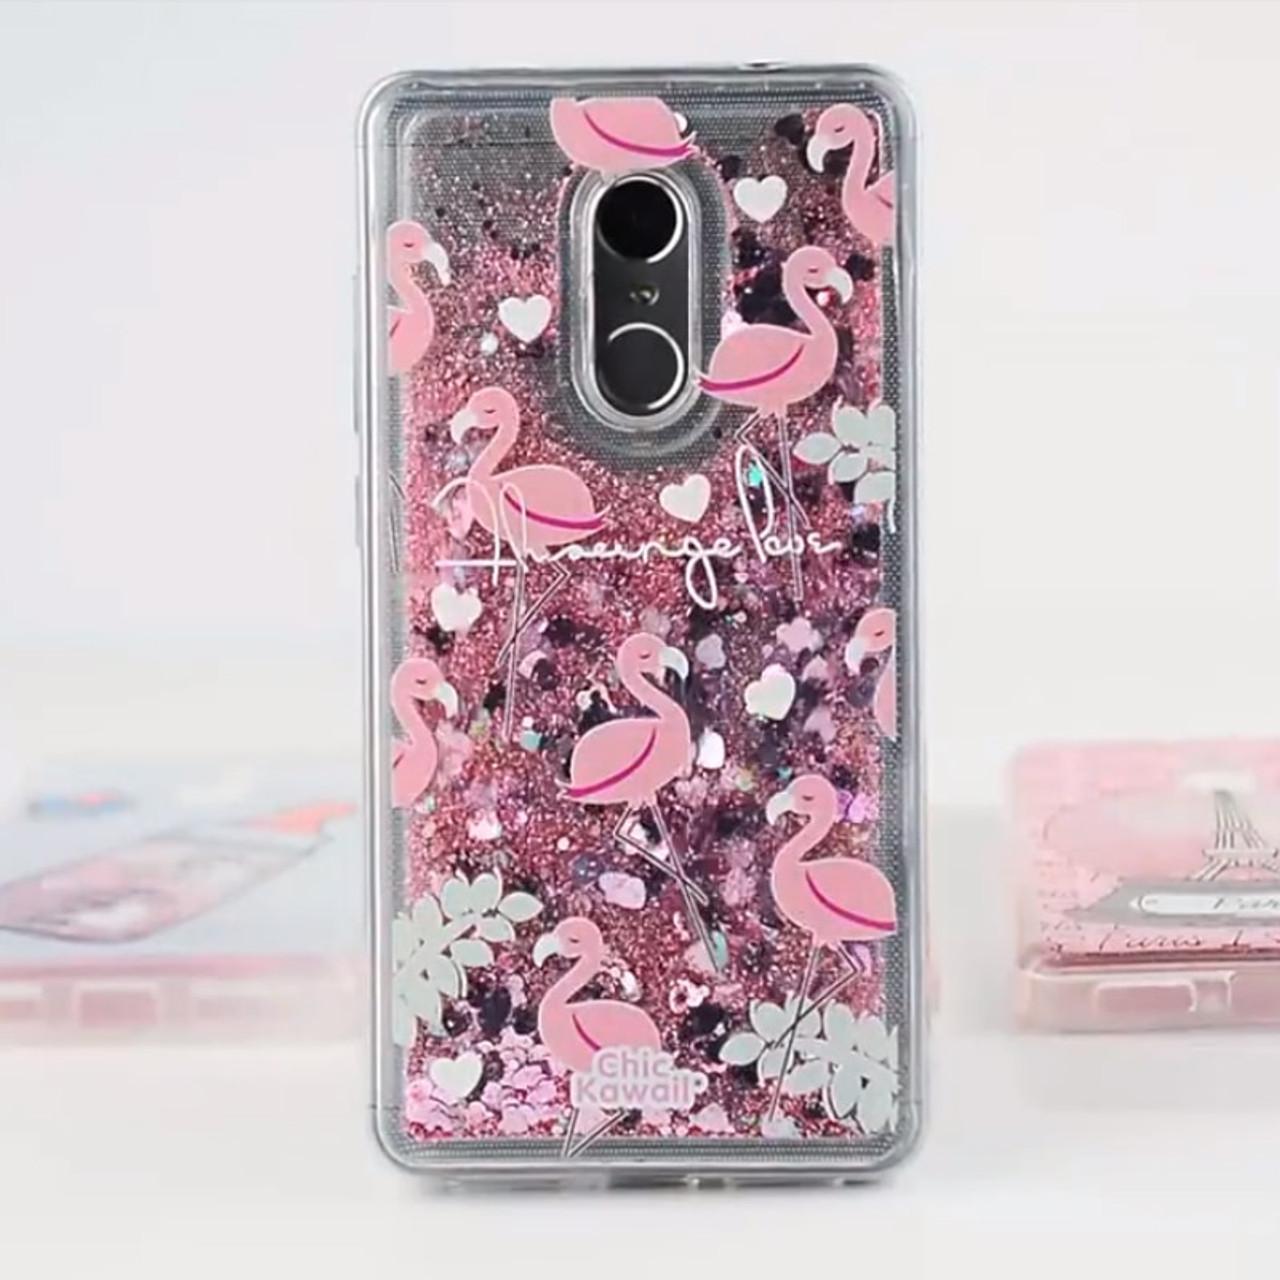 b8915b4ca0 Glitter Silicone Phone Case For Xiaomi Redmi 7 4X 5 Plus 6A 6 Pro Liquid  Quicksand Cover on Redmi Note 5 6 7 Pro 4X Cases Coque